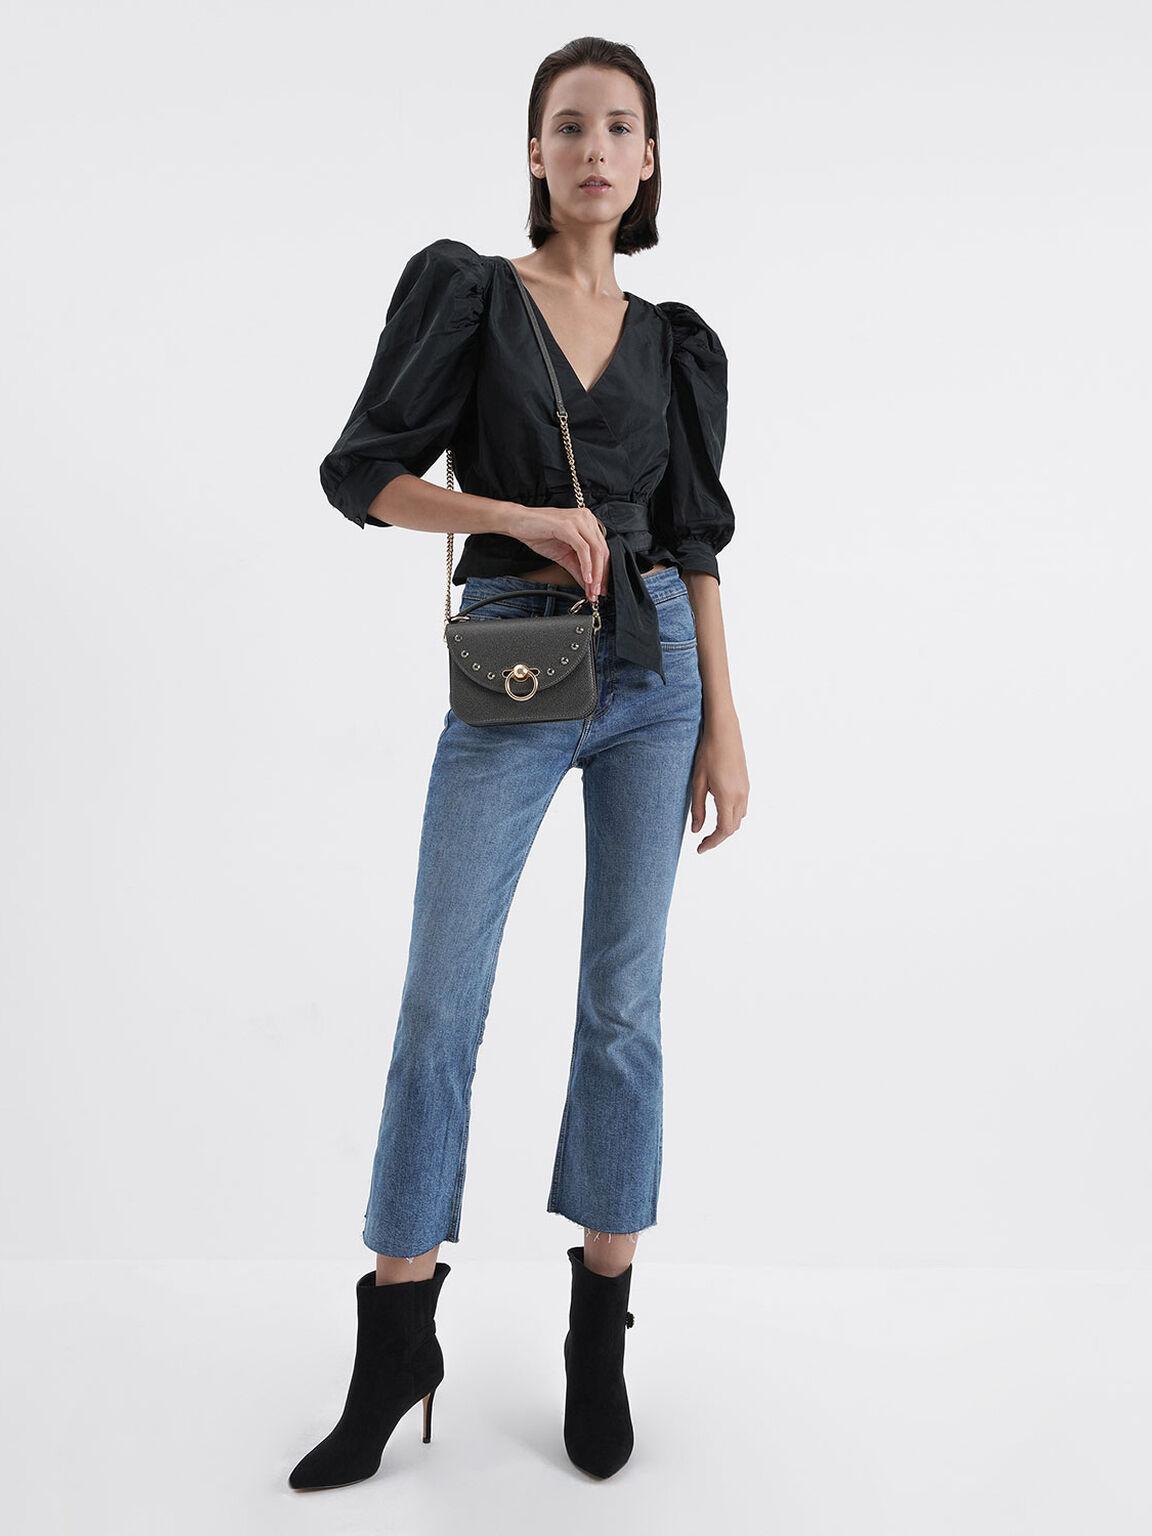 鉚釘拉環手提包, 金灰色, hi-res